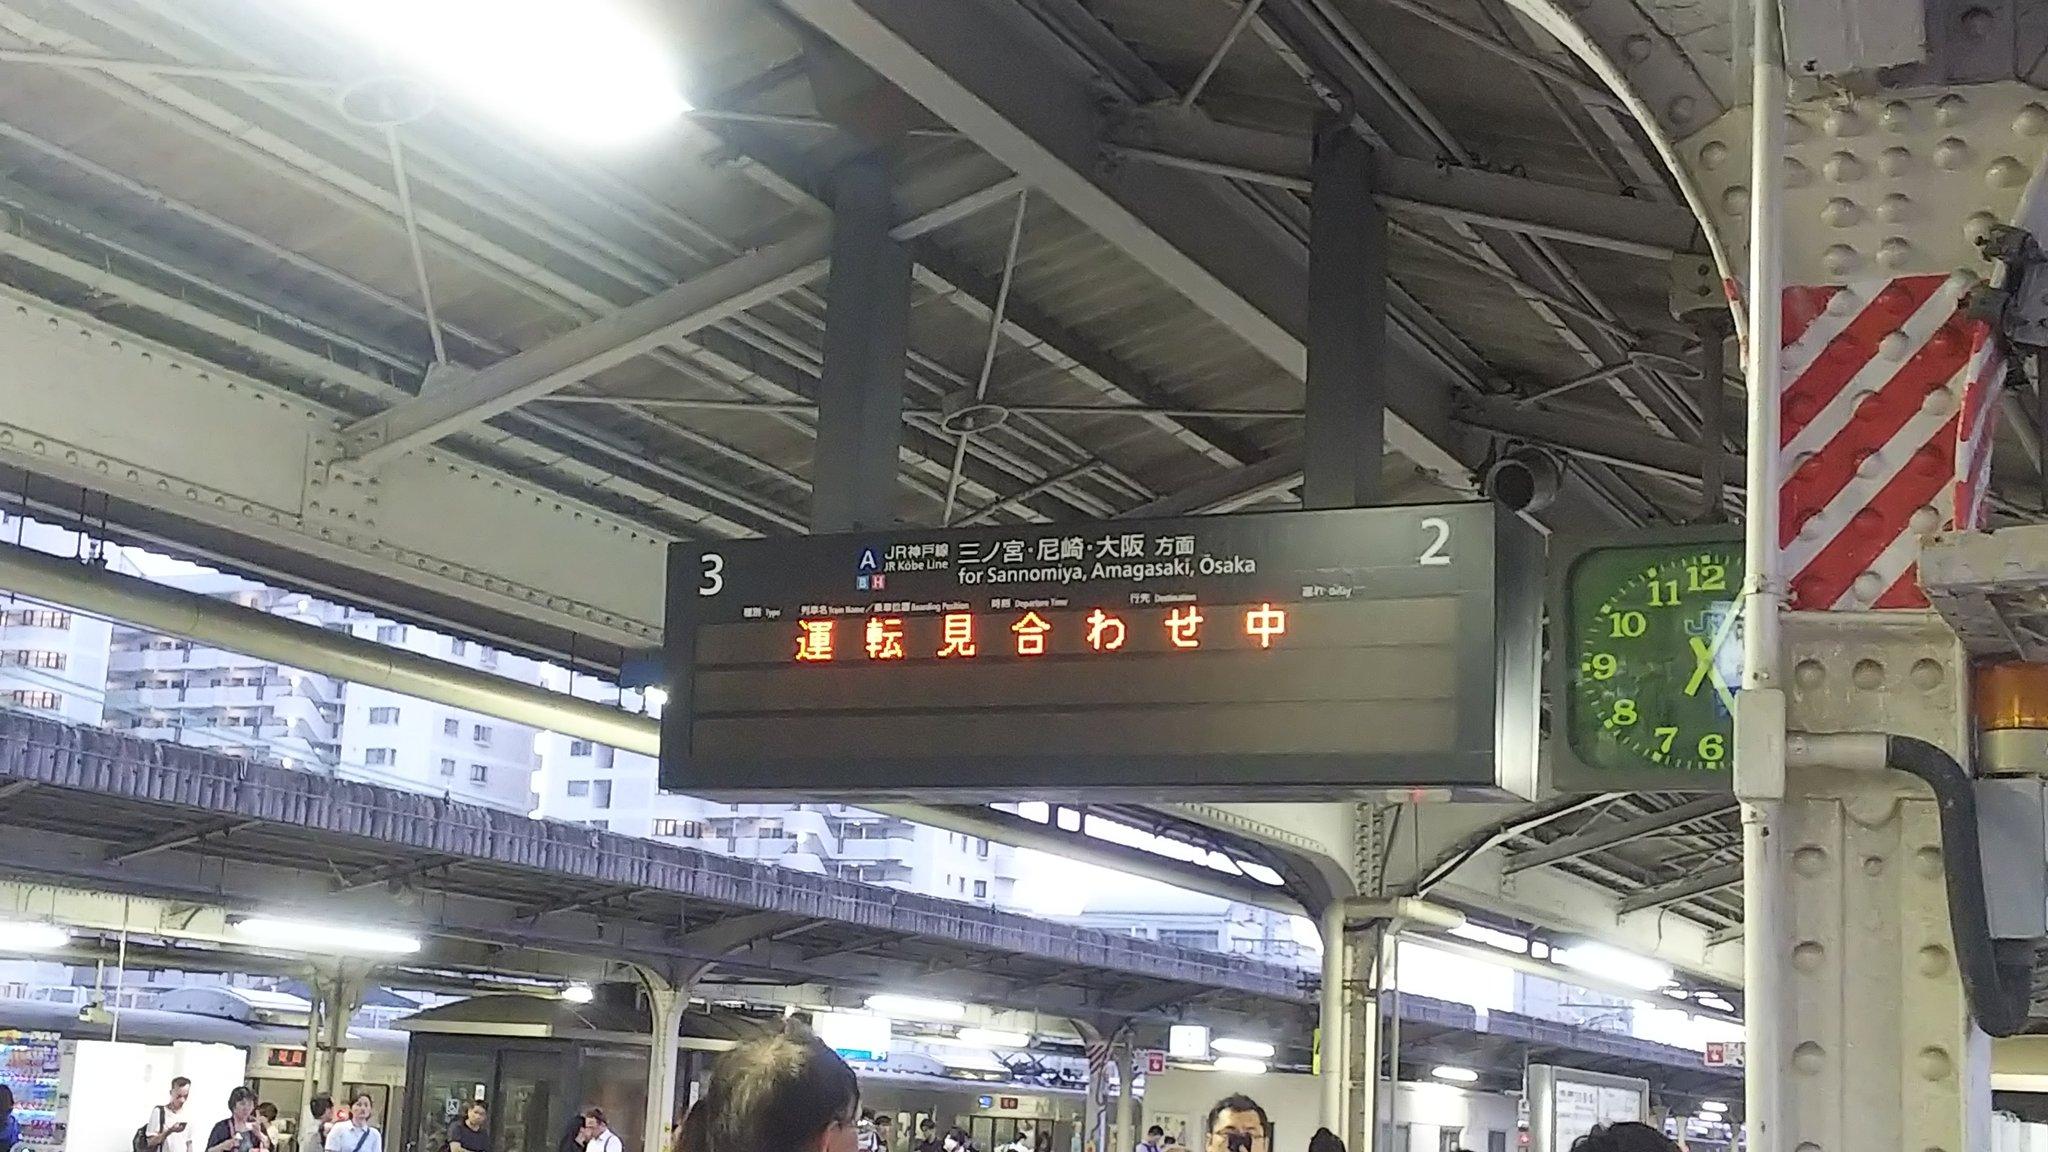 画像,JR神戸線(?)で人身事故により運転見合わせ中 https://t.co/20hxVV8lA6。